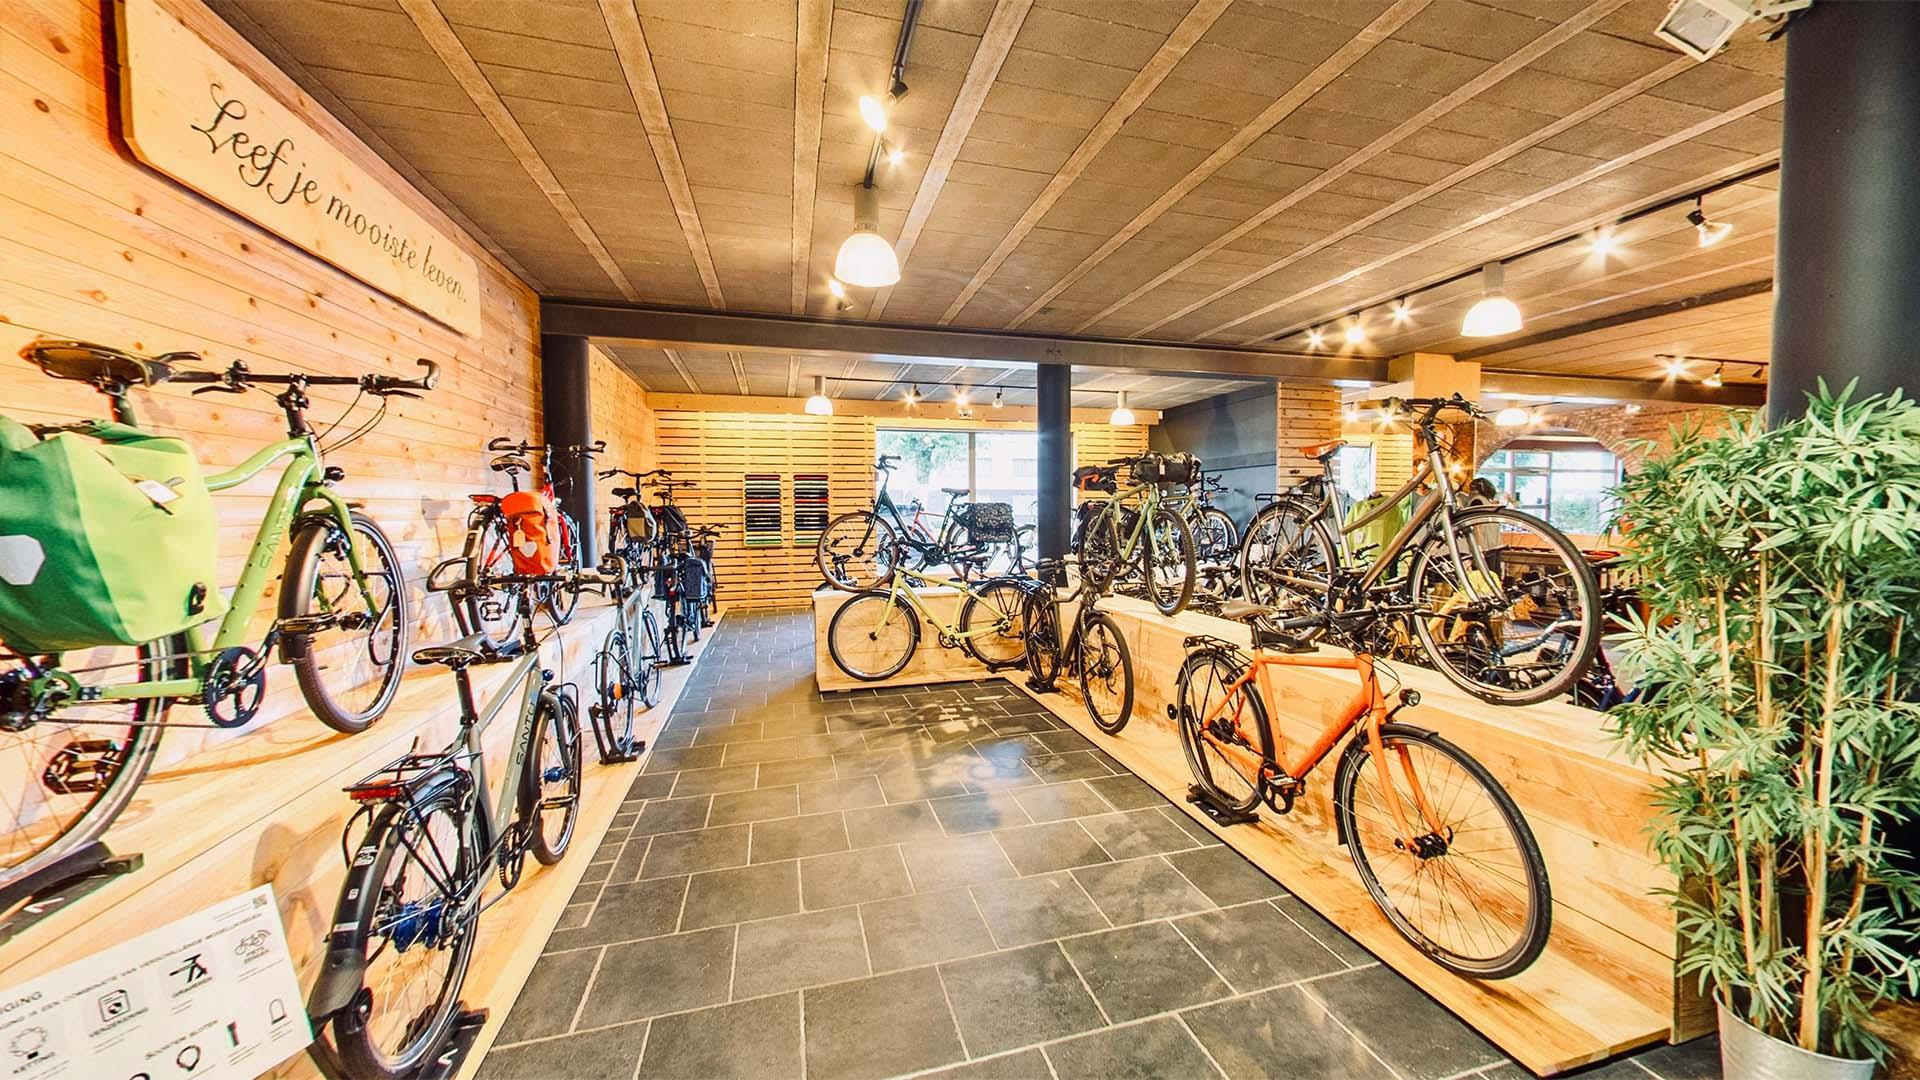 Interieur van fietsen jurgen 2